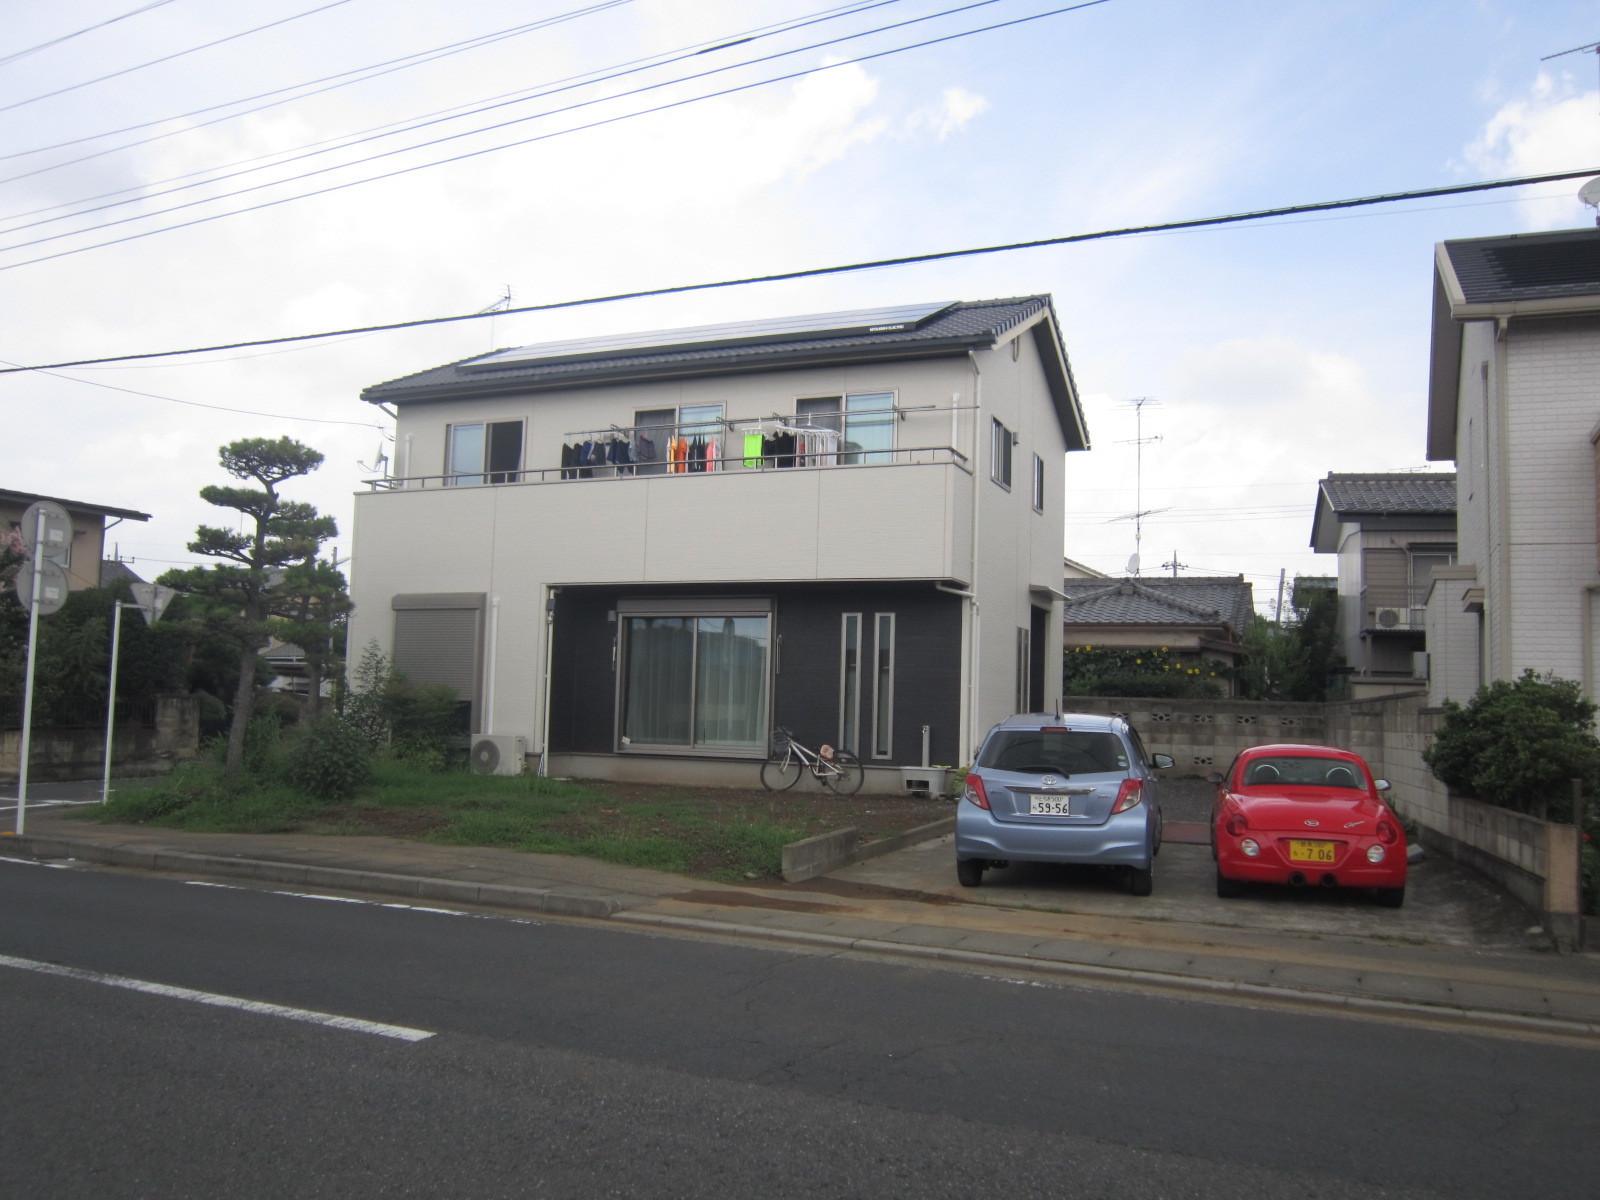 太田市外構工事 M 邸 着工しました(*\'\'ω\'\'*)_e0361918_16175609.jpg